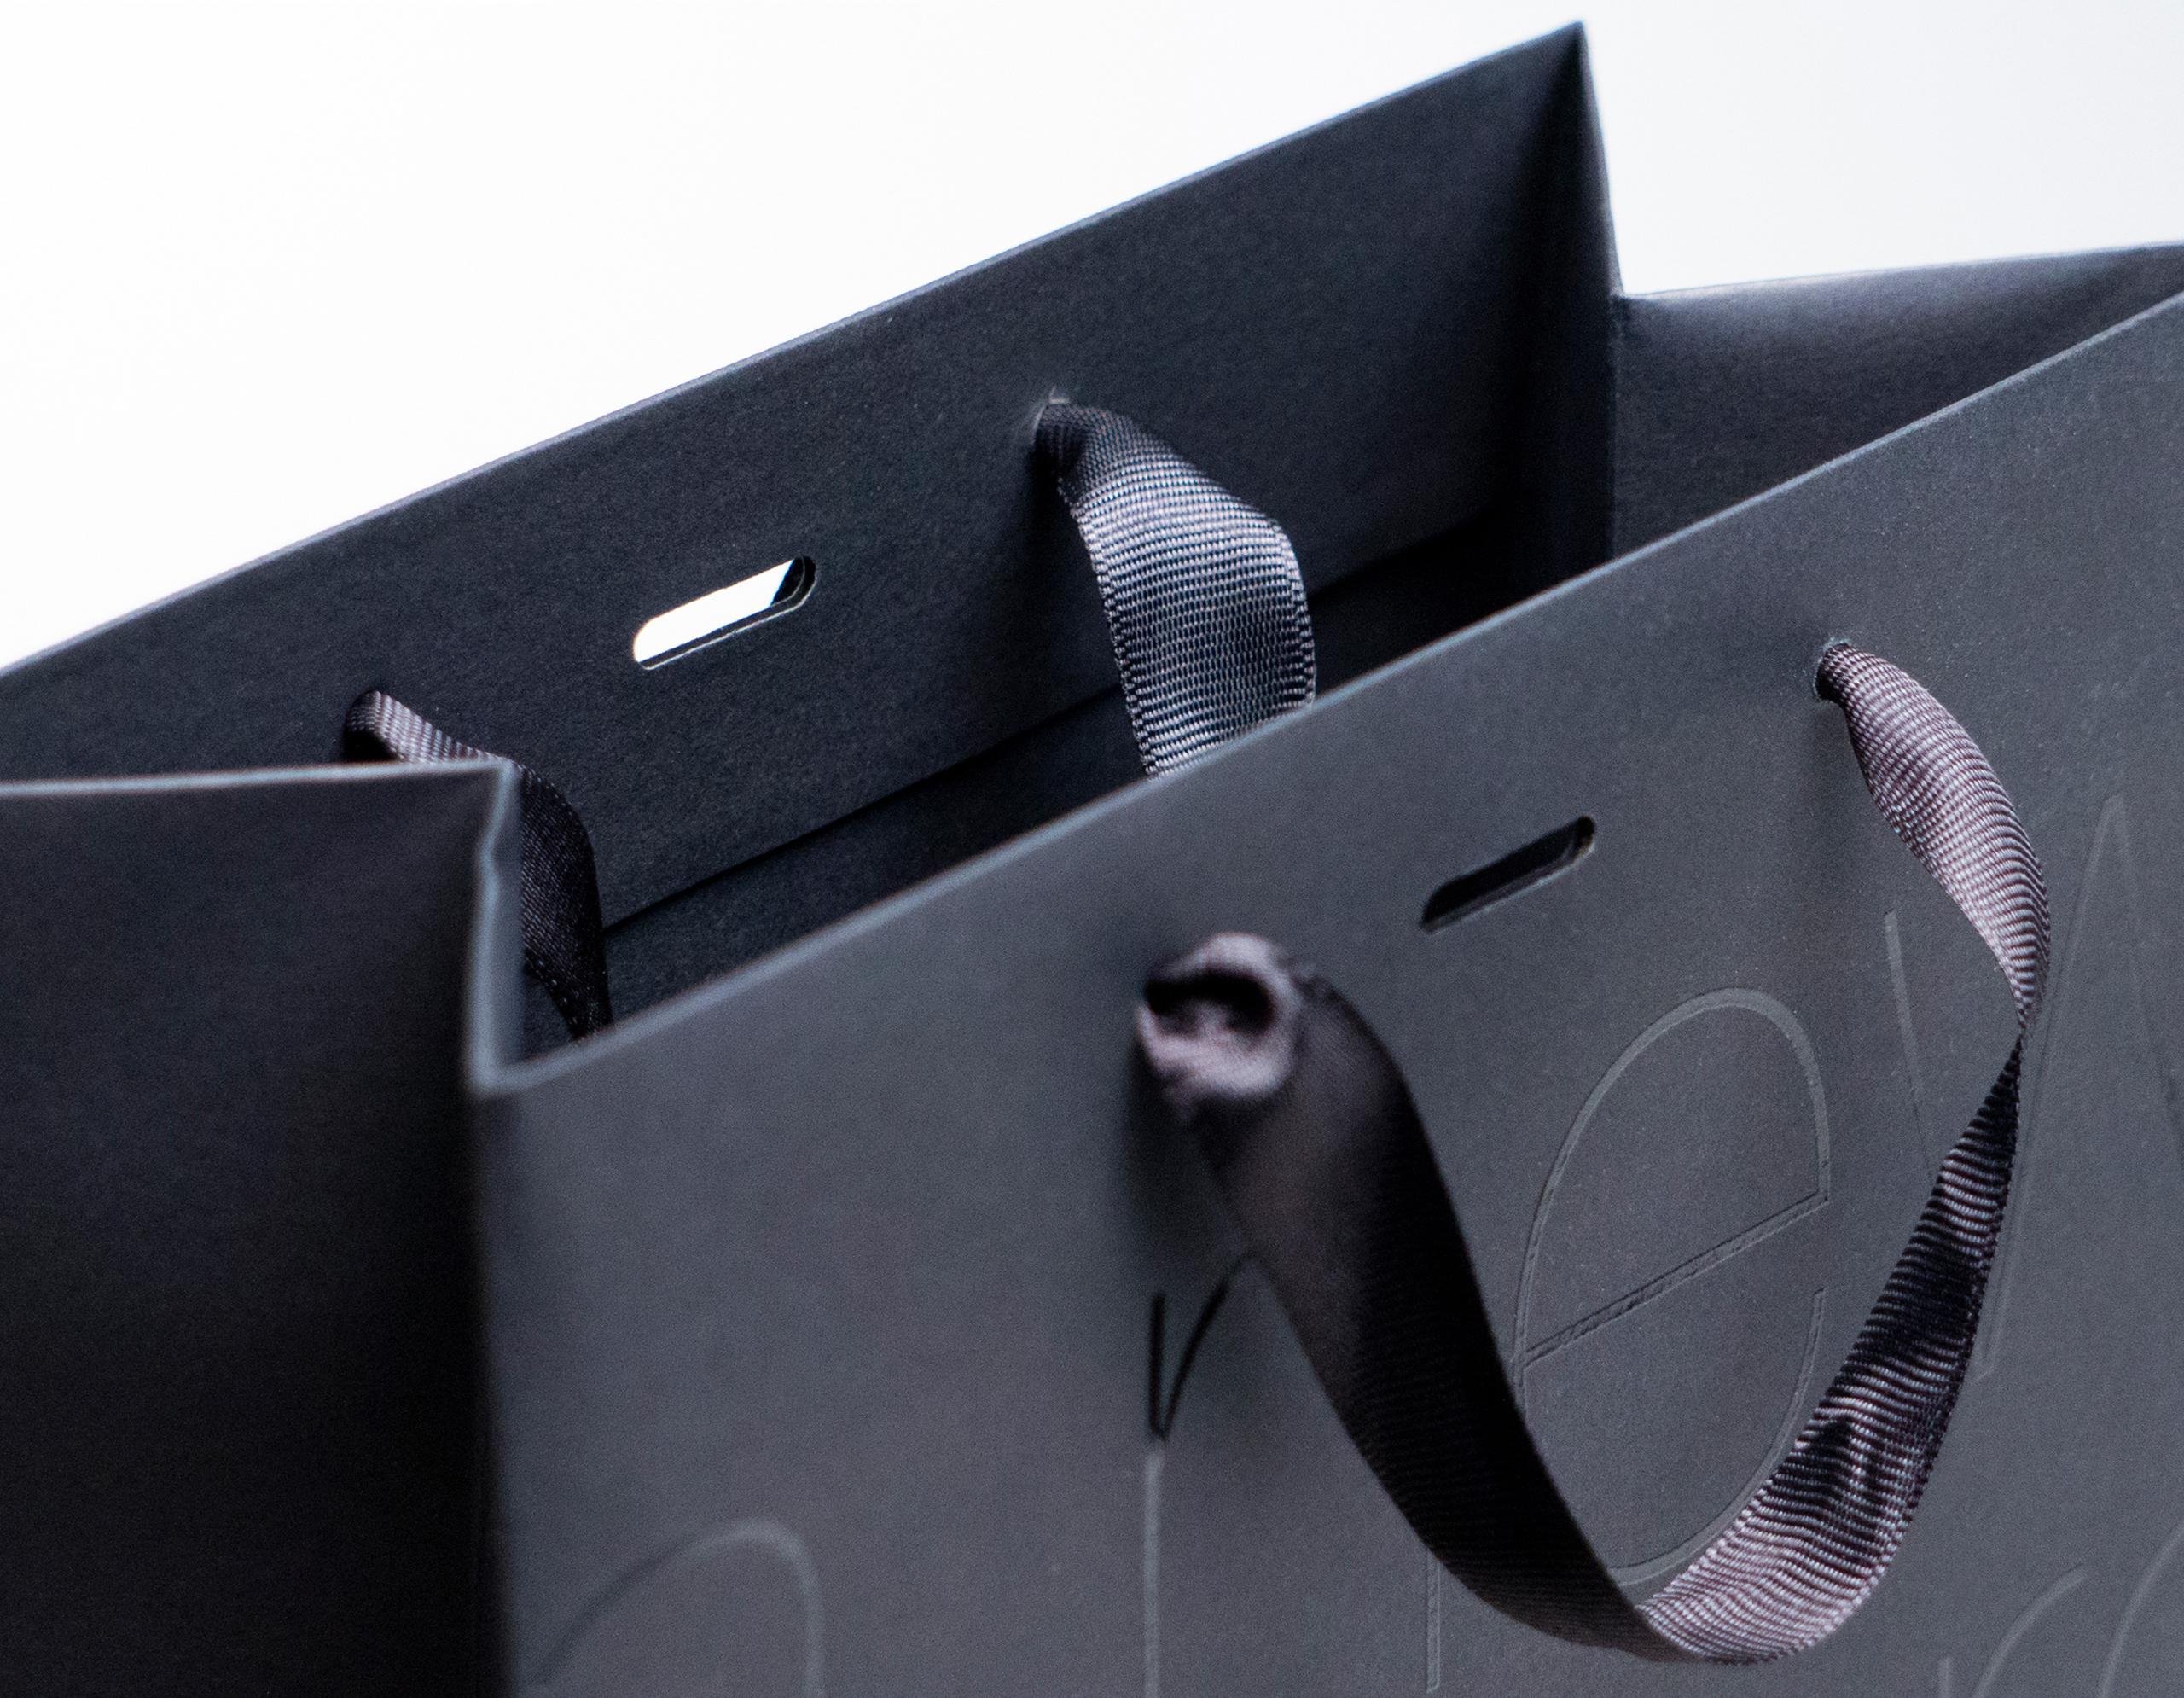 detalle-bolsa-ukpikproductions-graphic-design